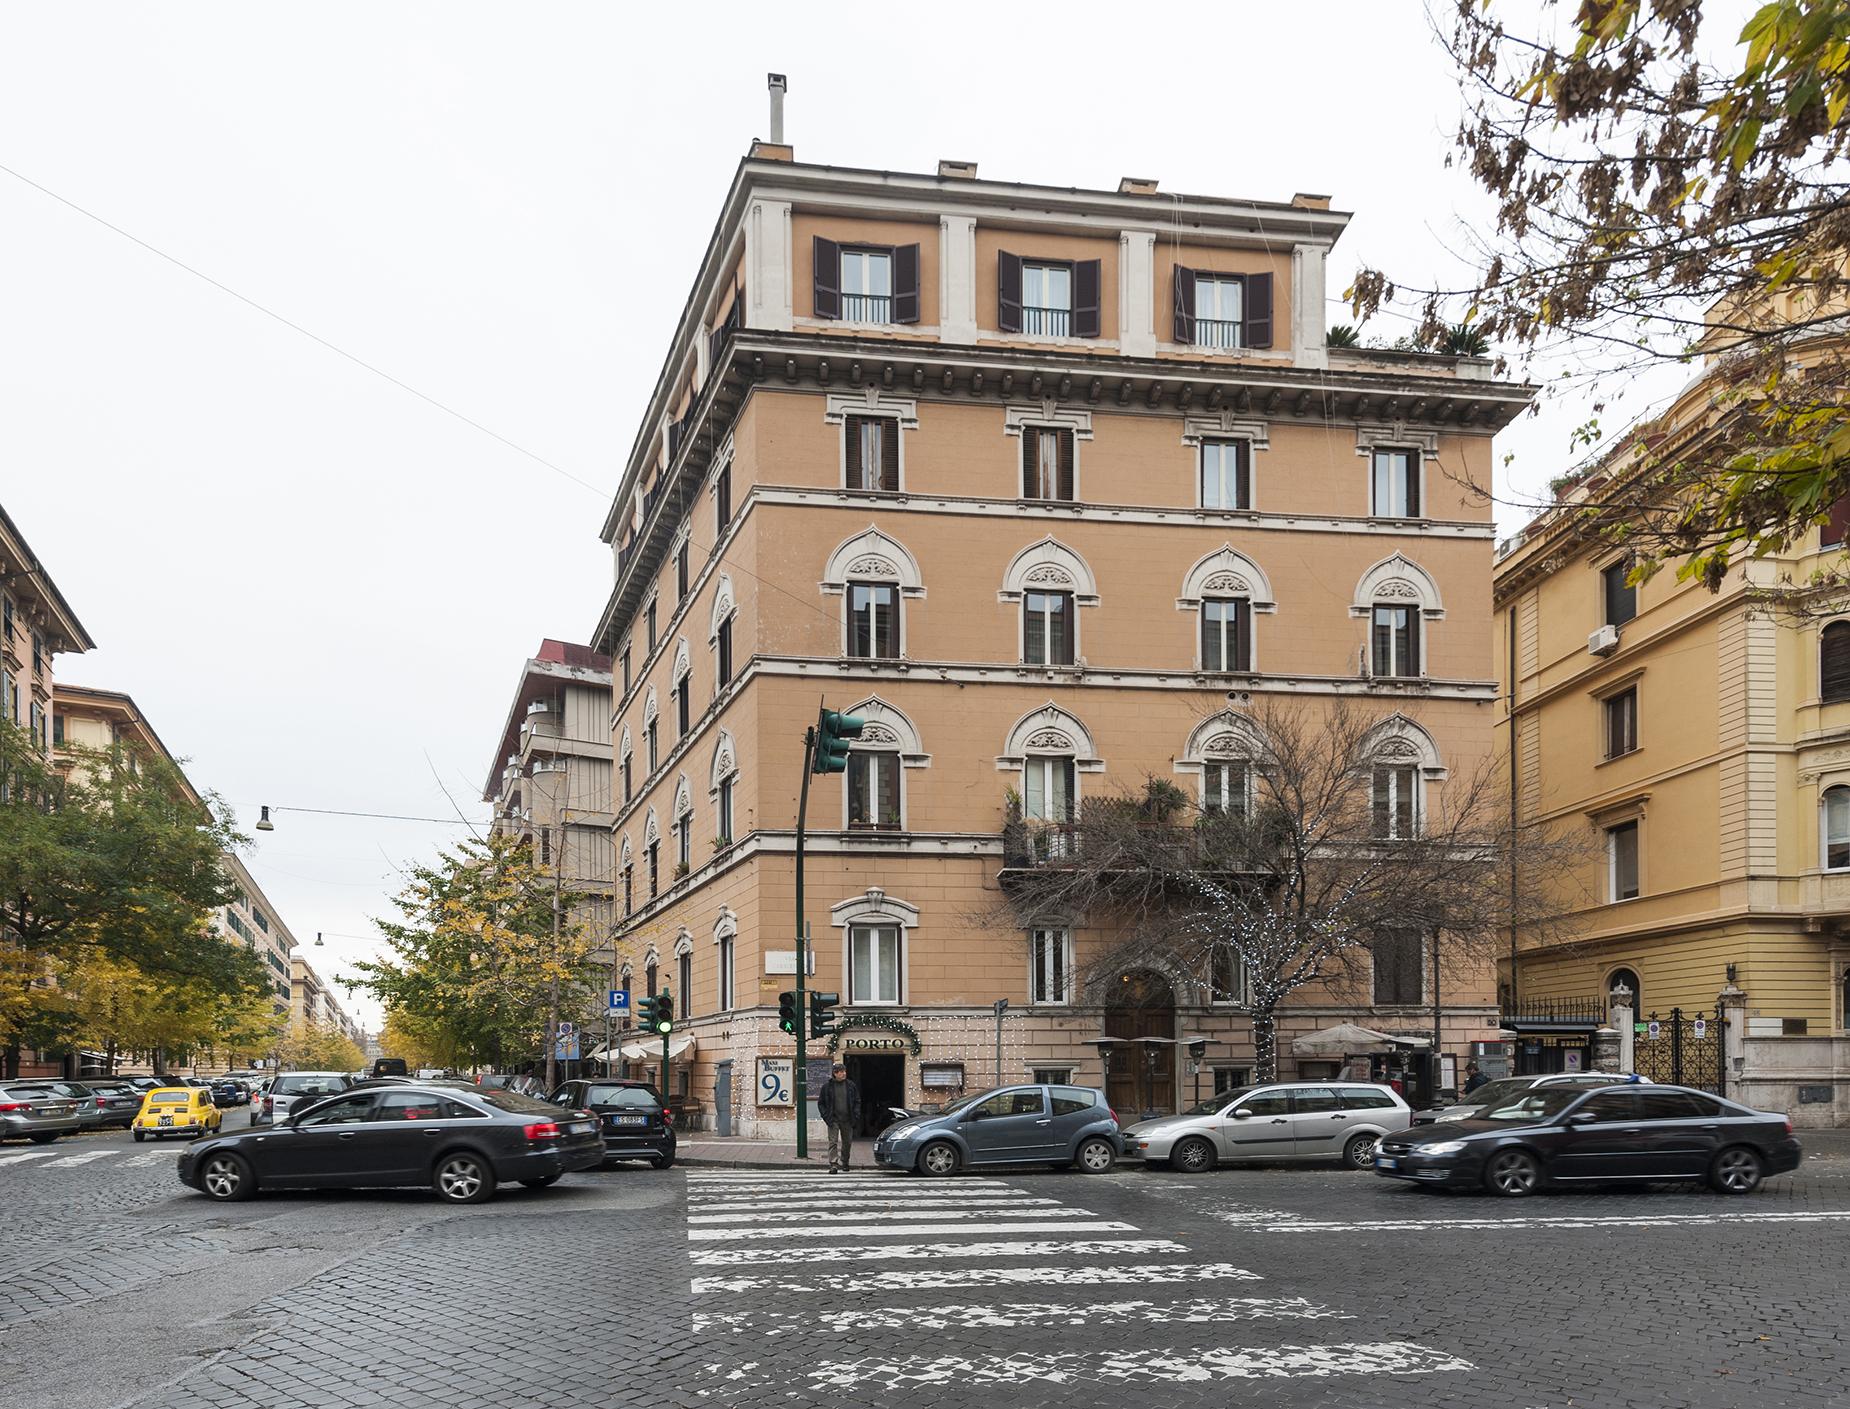 Apartment for Rent at Elegant apartment in the Prati neighborhood Via Crescenzio Rome, Rome 00193 Italy